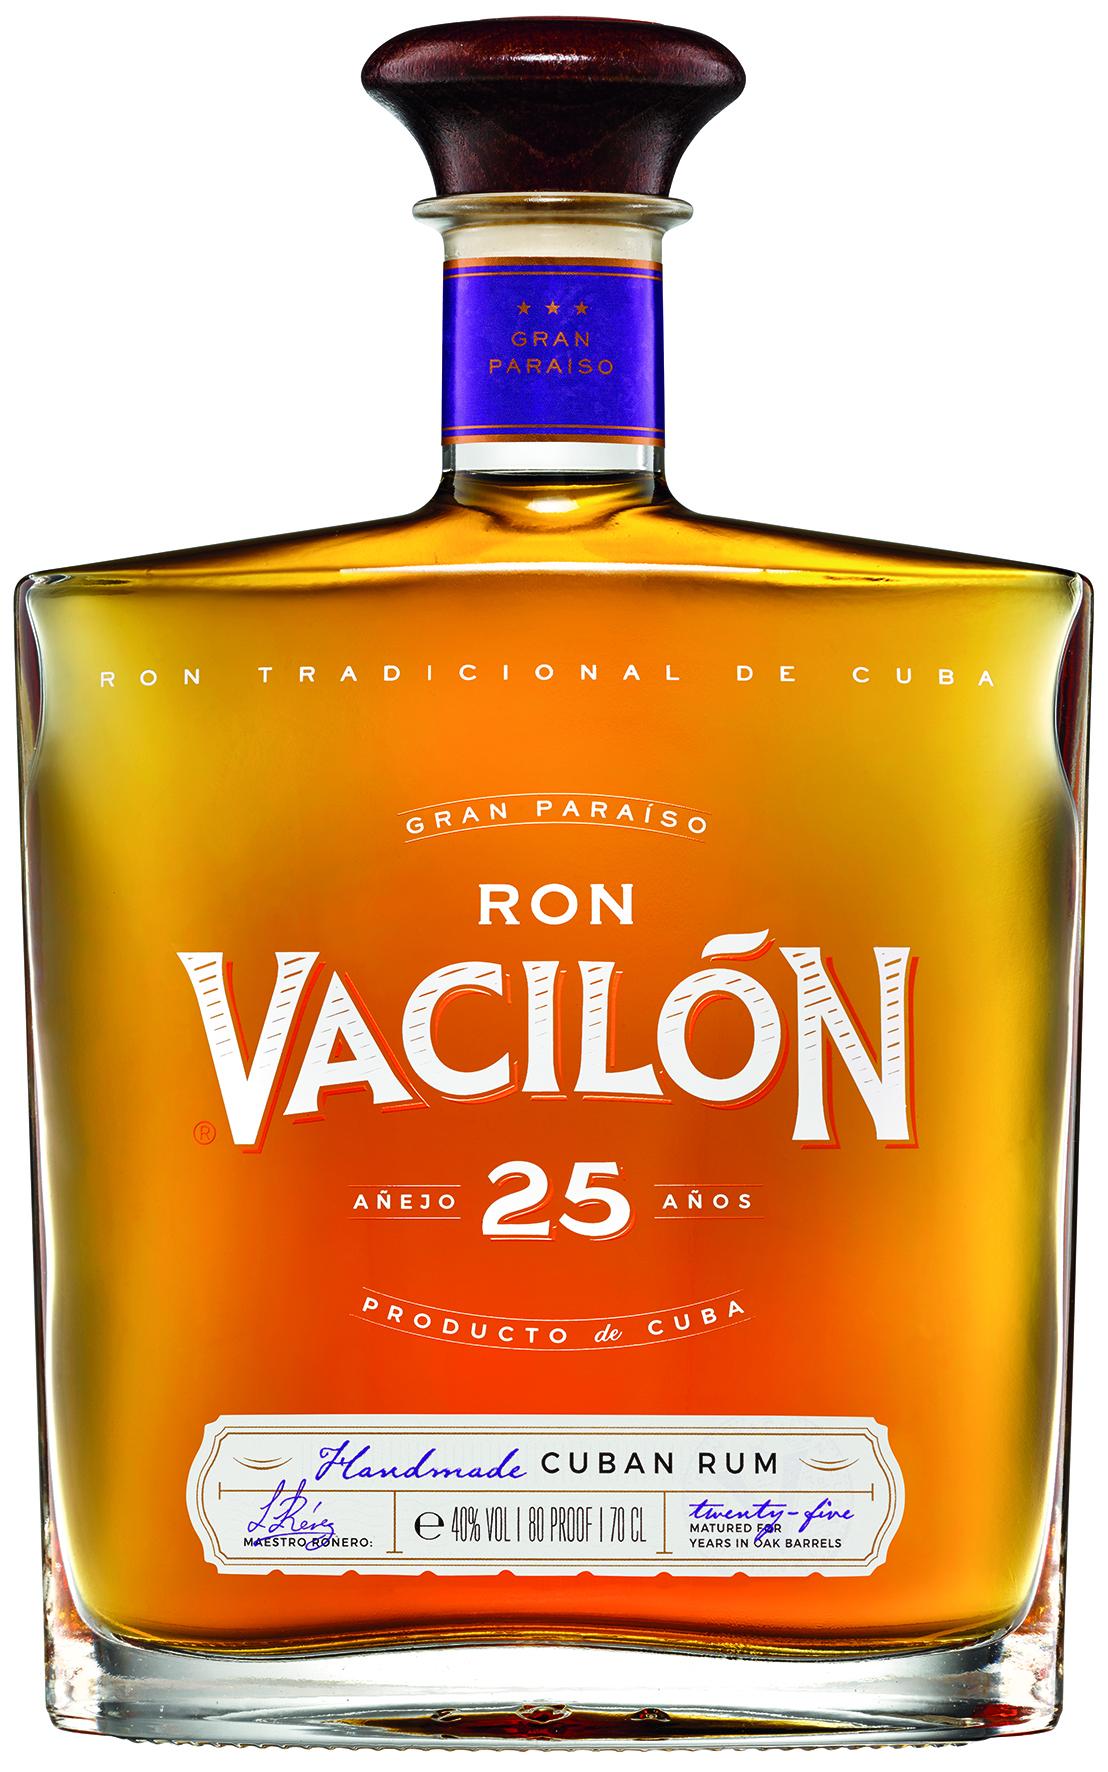 RON VACILÓN 25 AÑOS – GRAN PARAĺSO